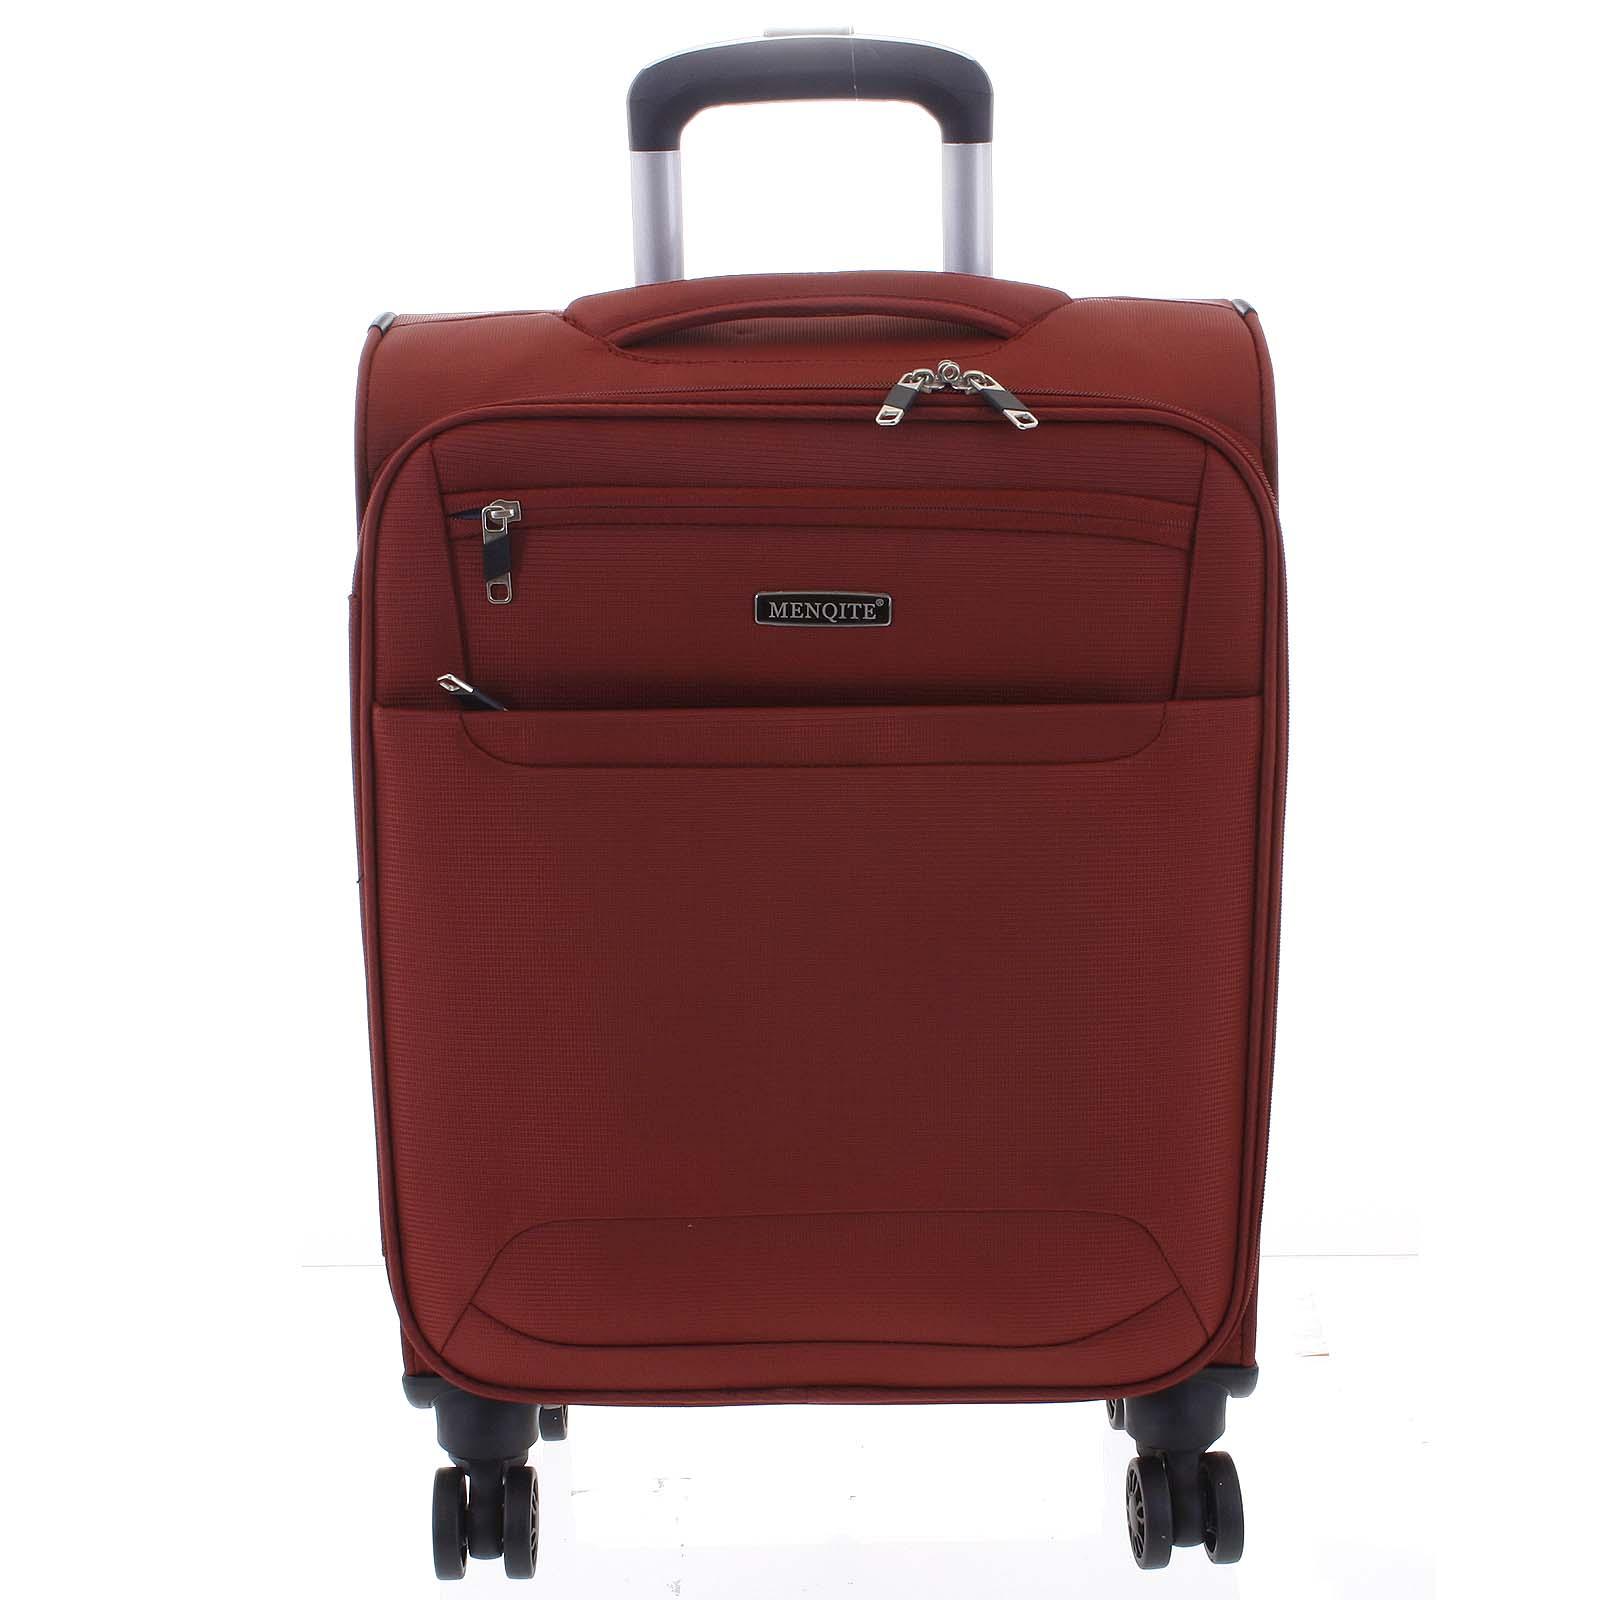 Nadčasový ľahký látkový cestovný kufor červený - Menqite Timeless S